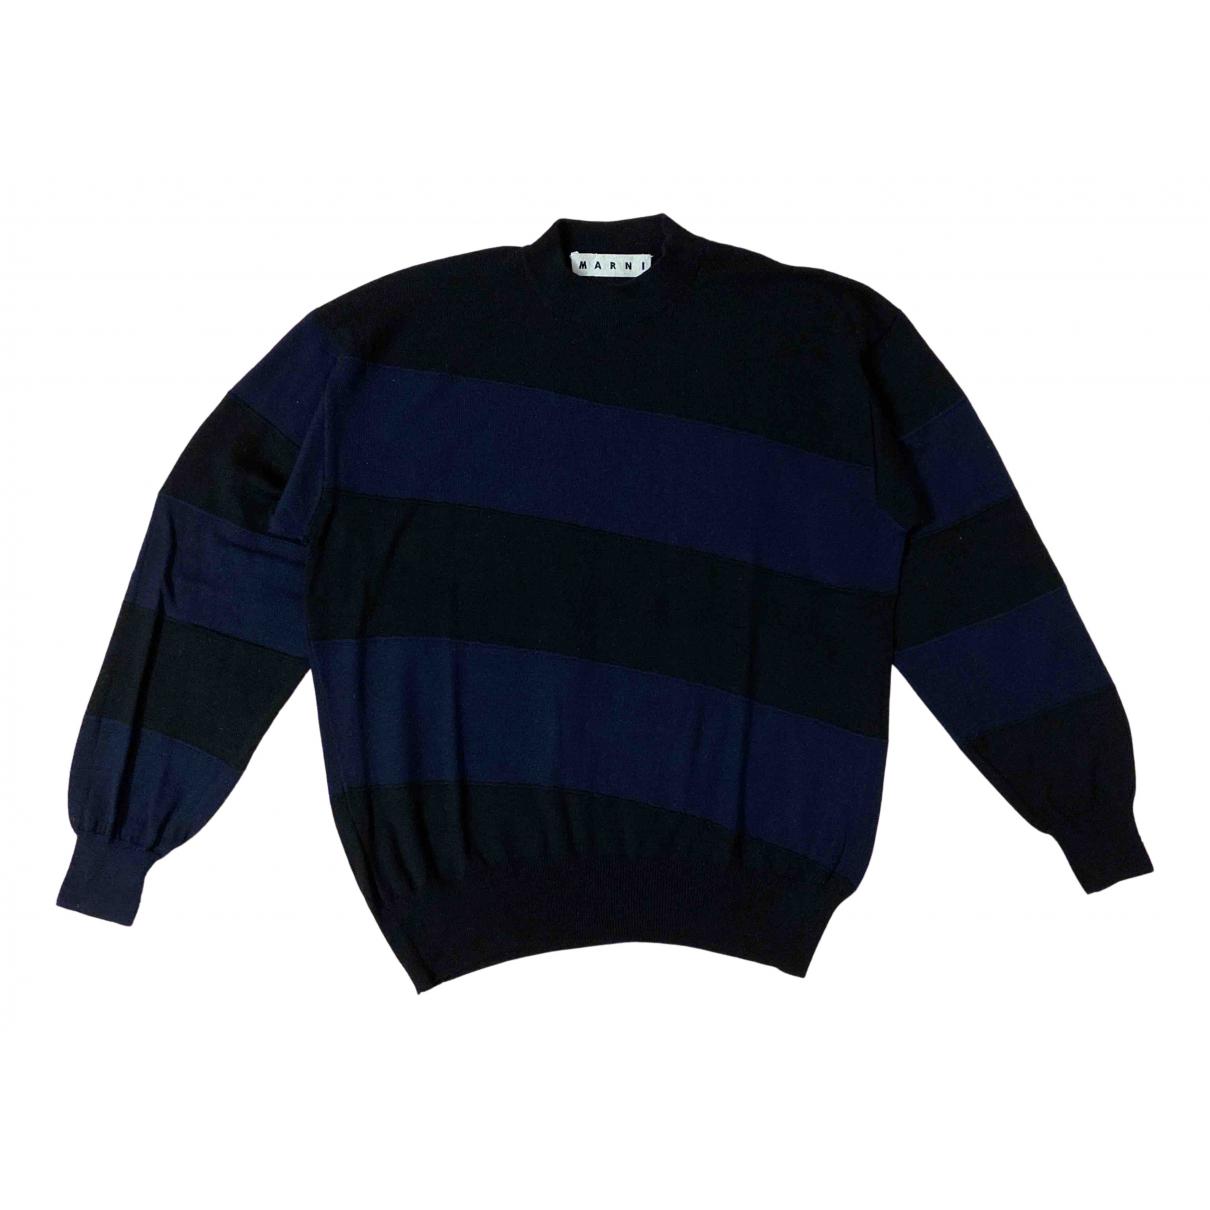 Marni N Navy Wool Knitwear & Sweatshirts for Men 48 IT